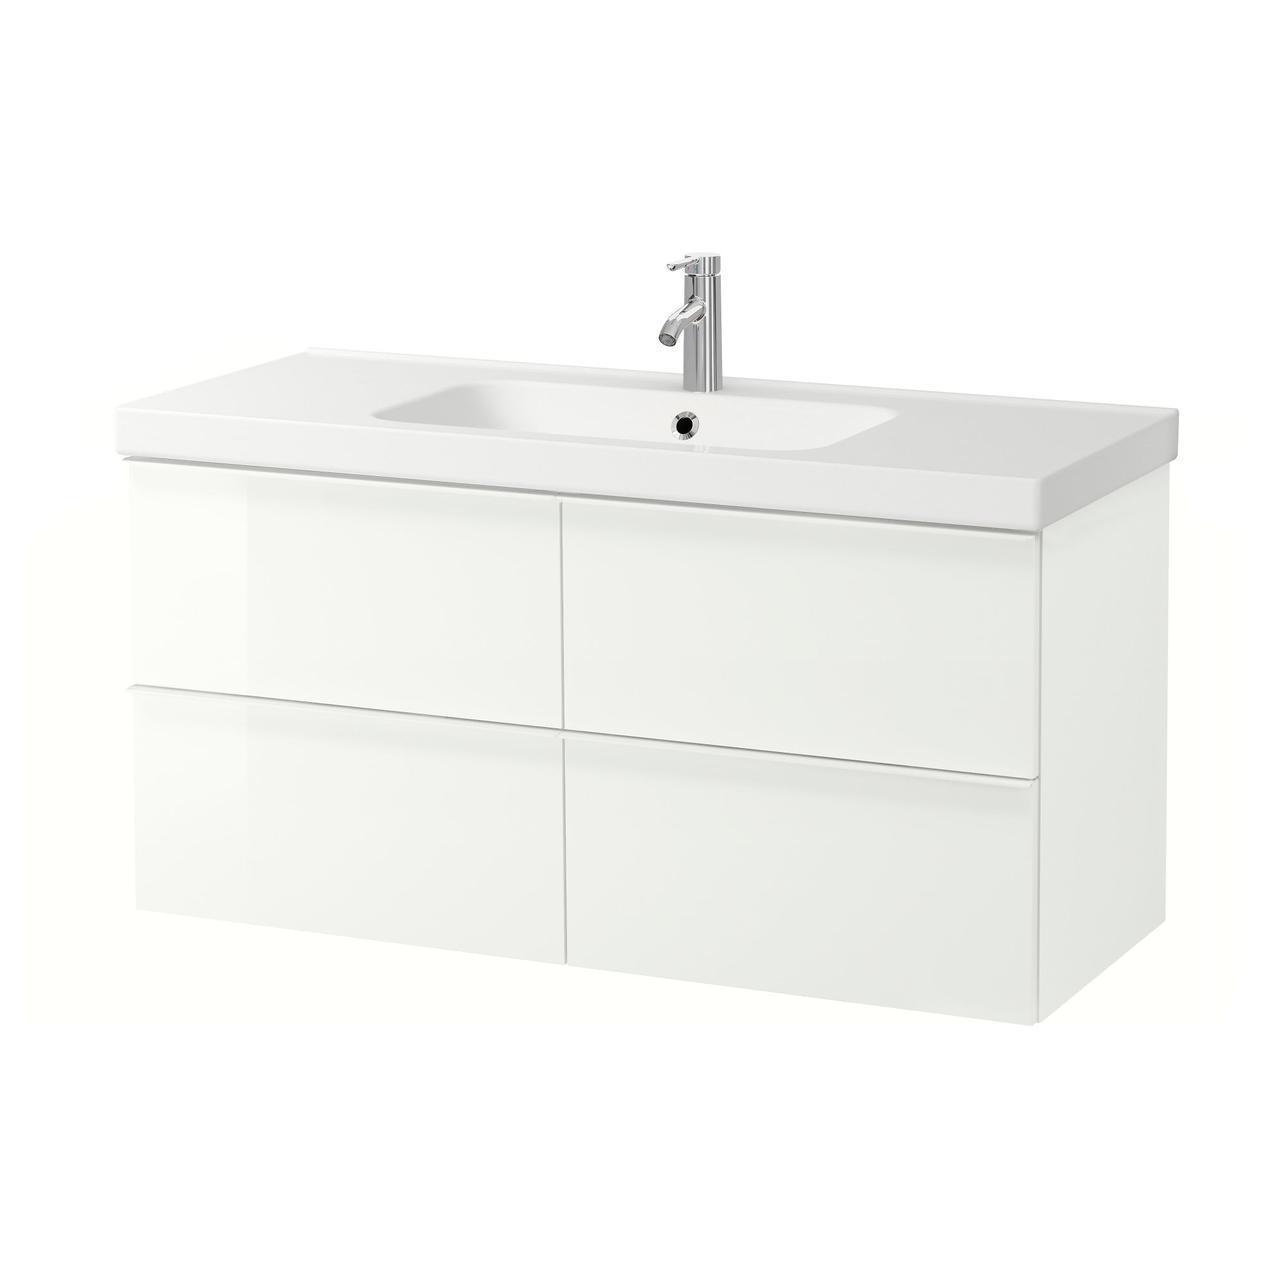 IKEA GODMORGON/ODENSVIK Шкаф под умывальник с раковиной с 4 ящиками, глянцевый белый  (591.854.69)